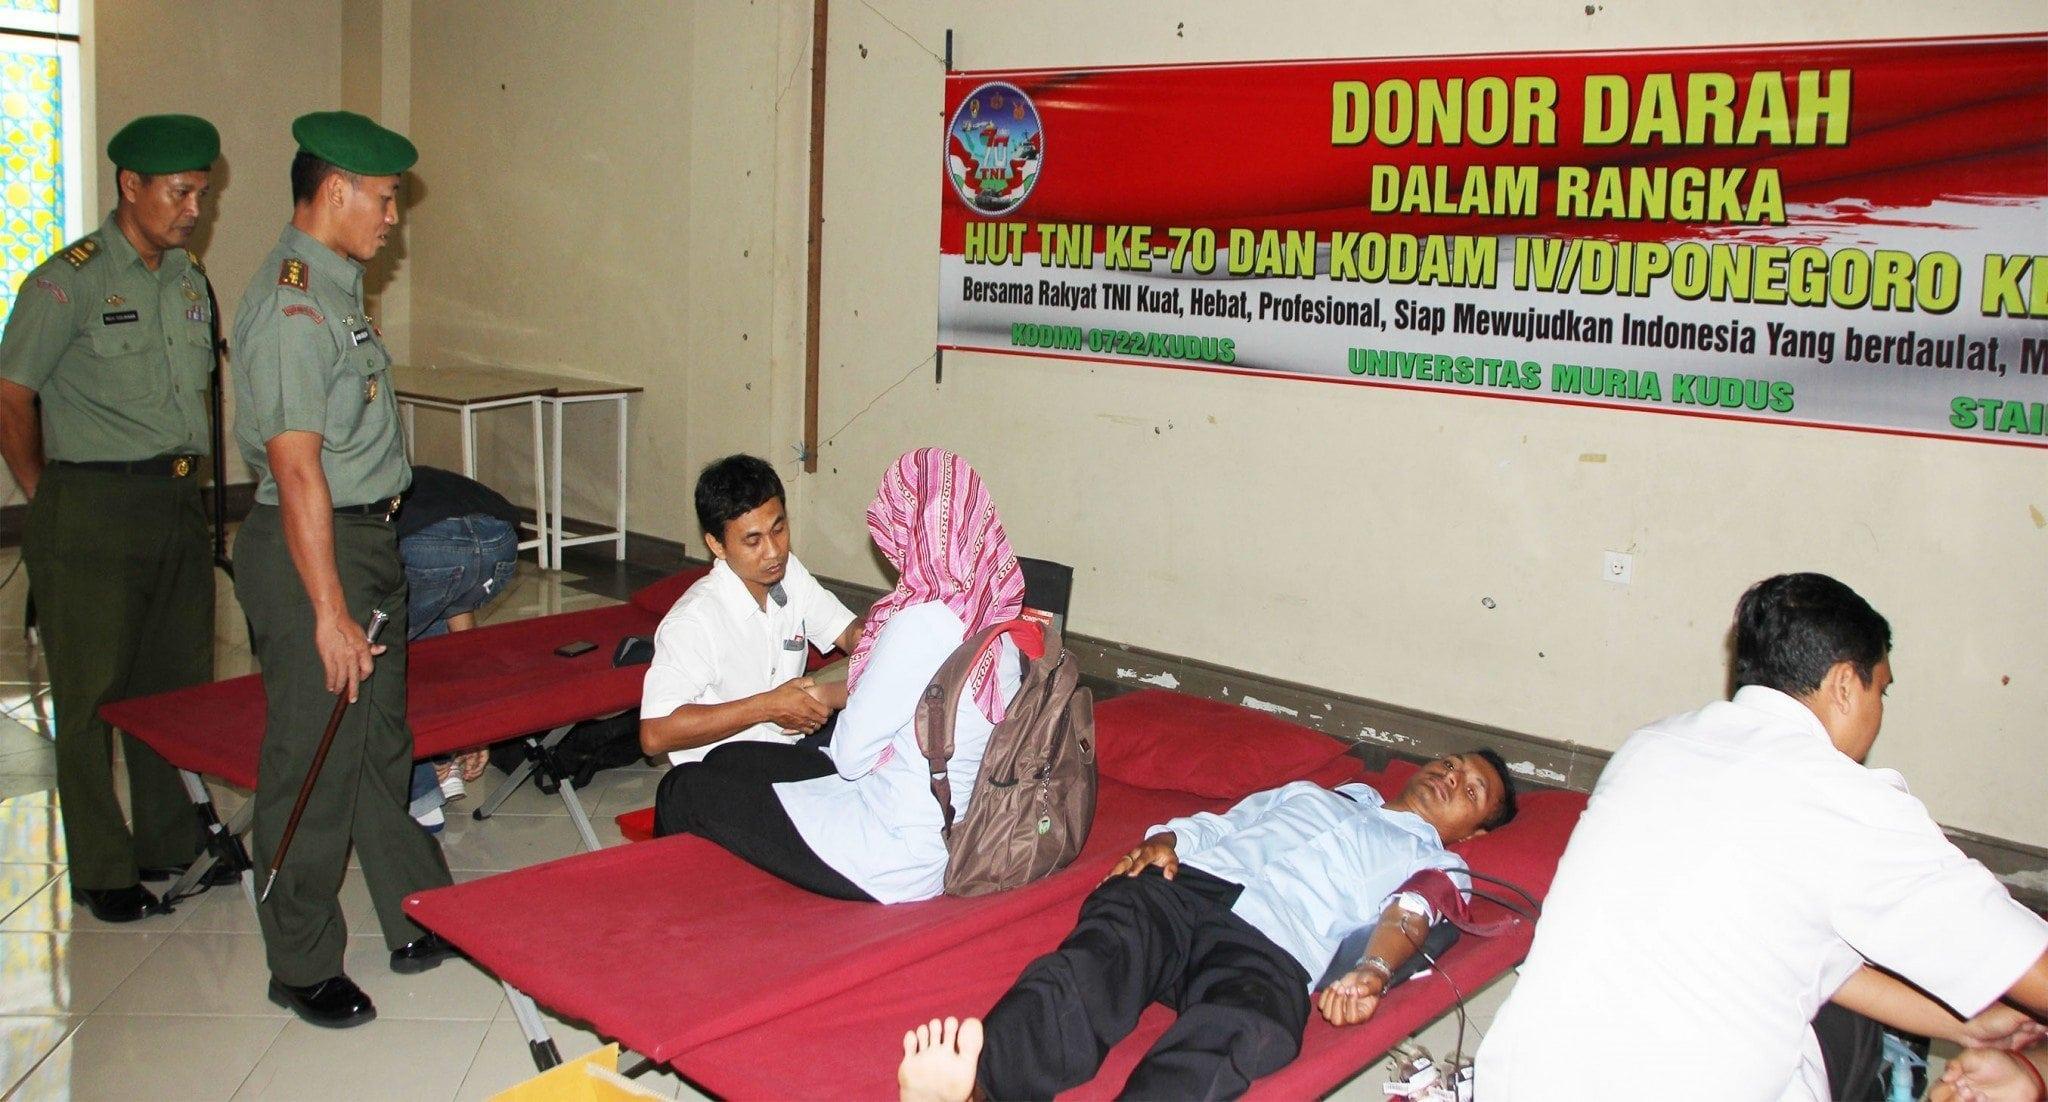 Kodim Kudus Tanamkan Jiwa Sosial Generasi Muda Dengan Donor Darah